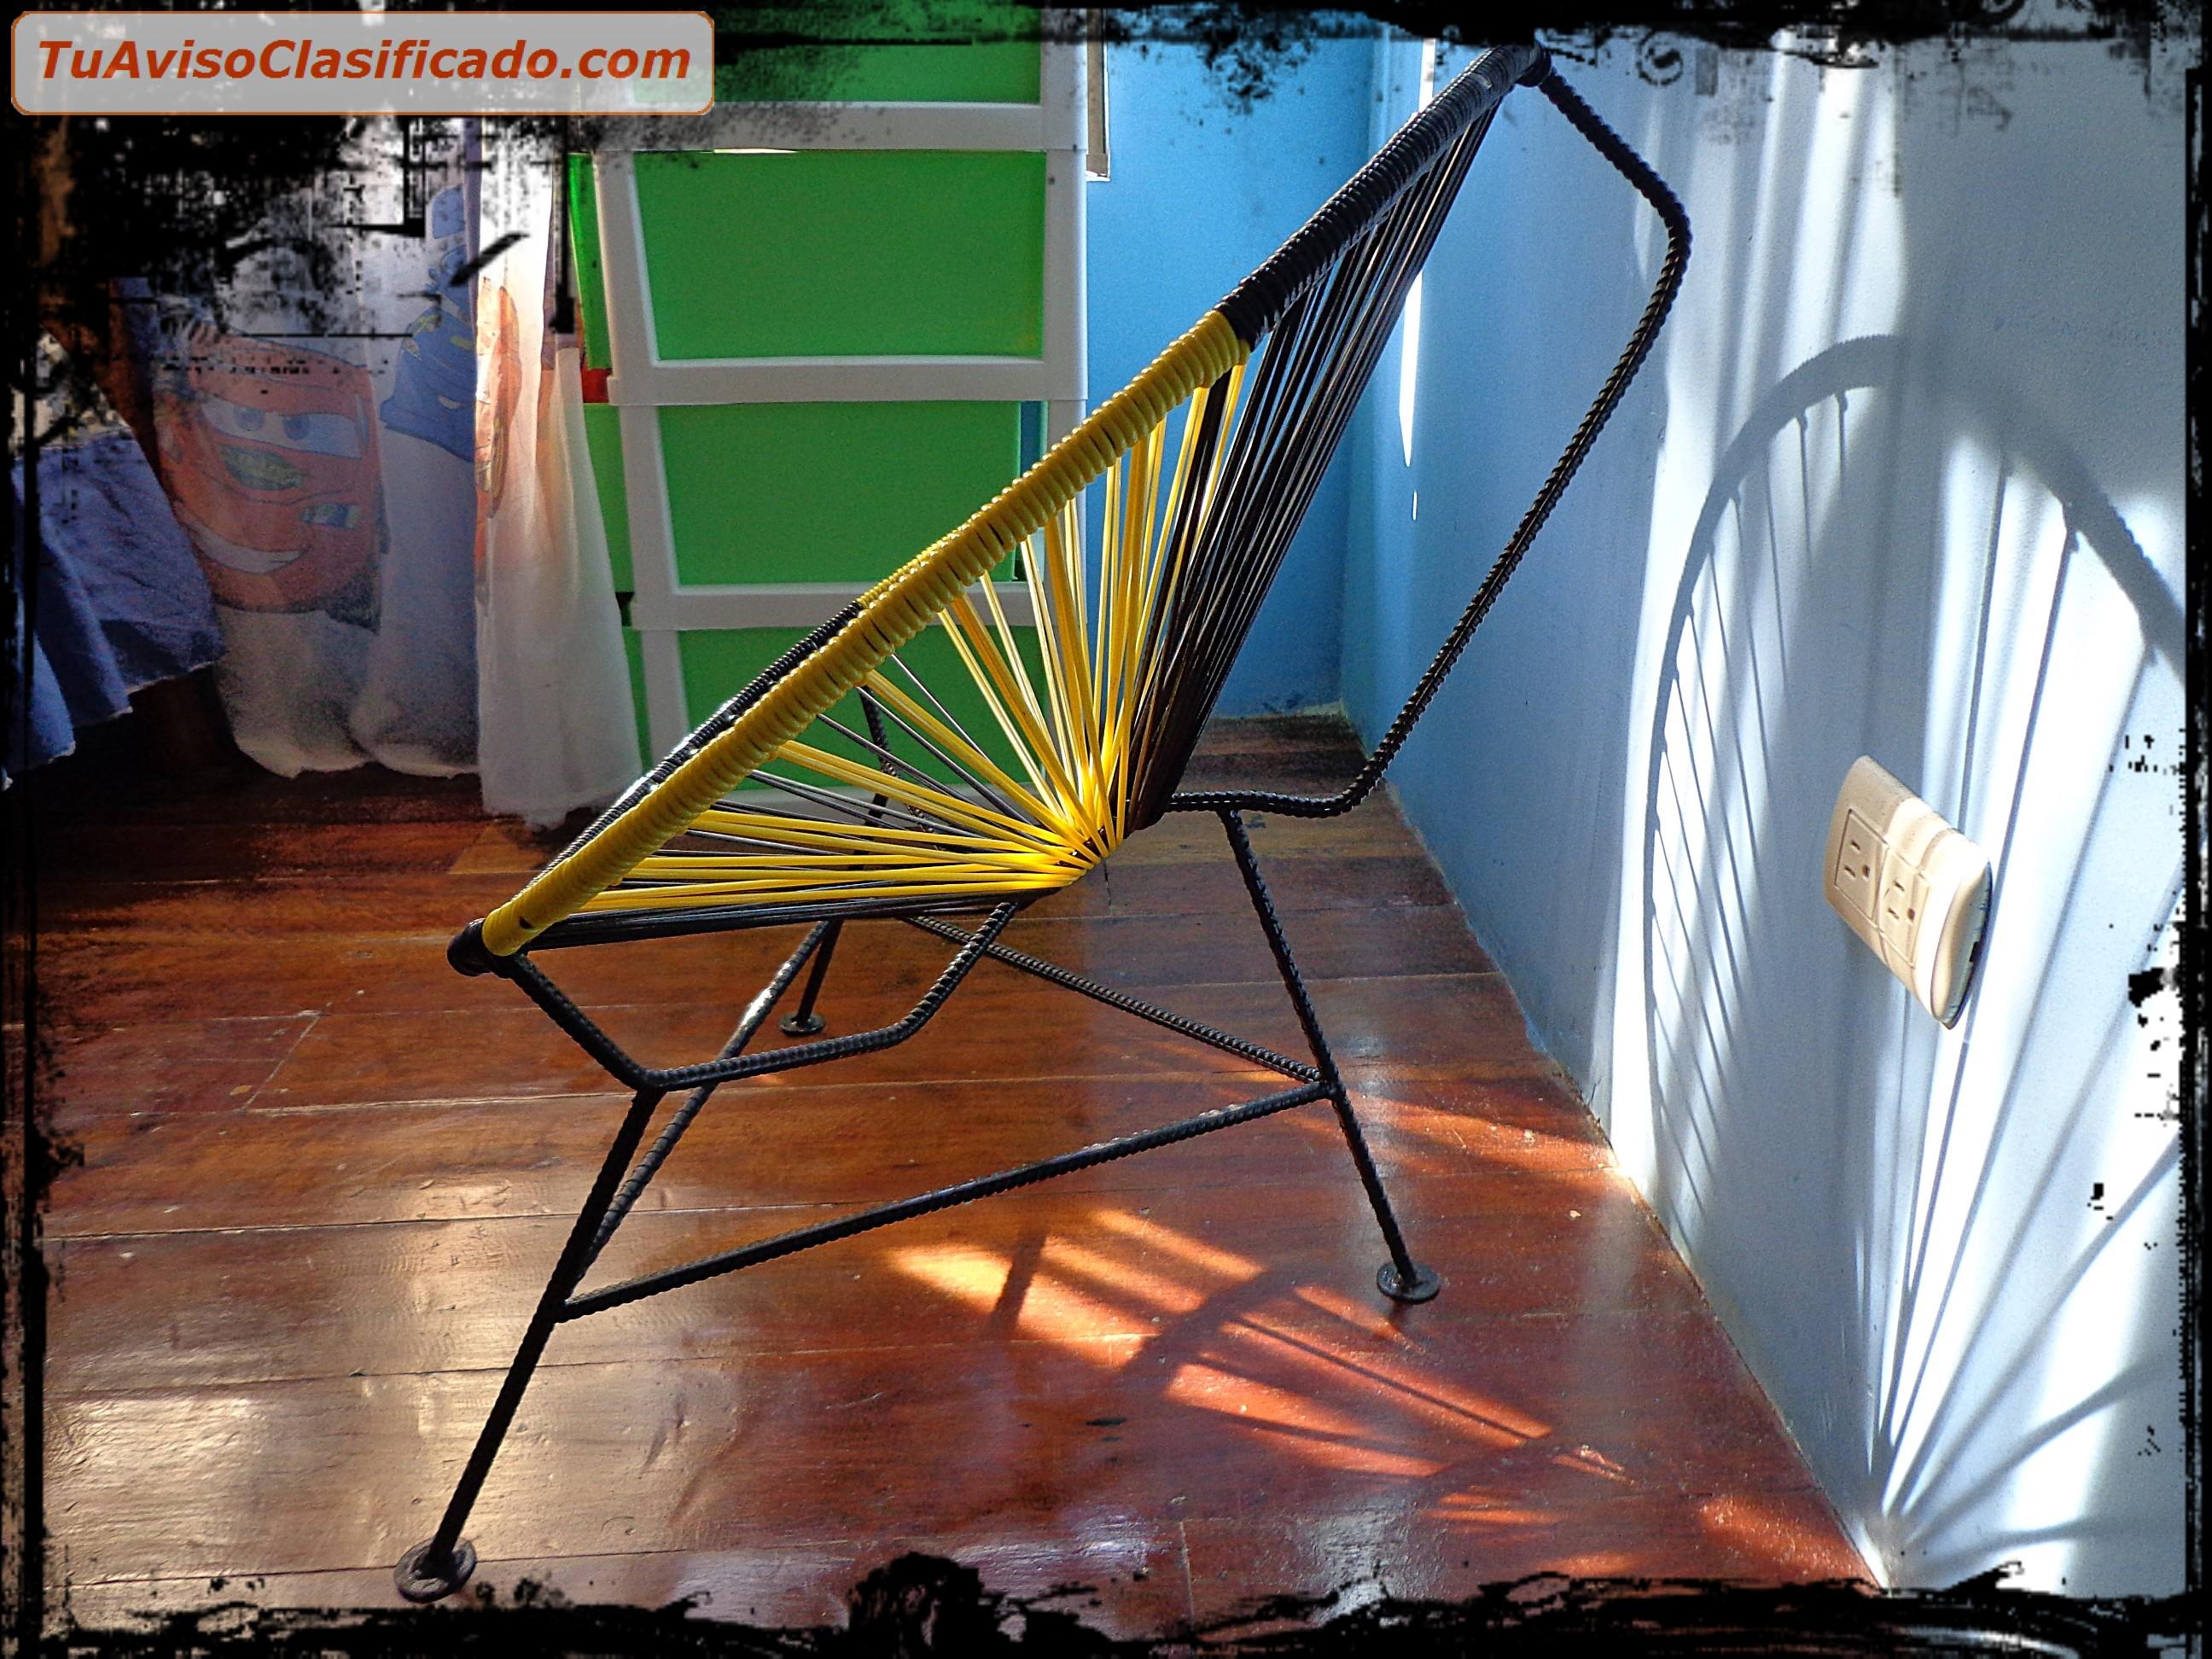 Sillas para terrazas y jardin mobiliario y equipamiento for Mobiliario para terrazas